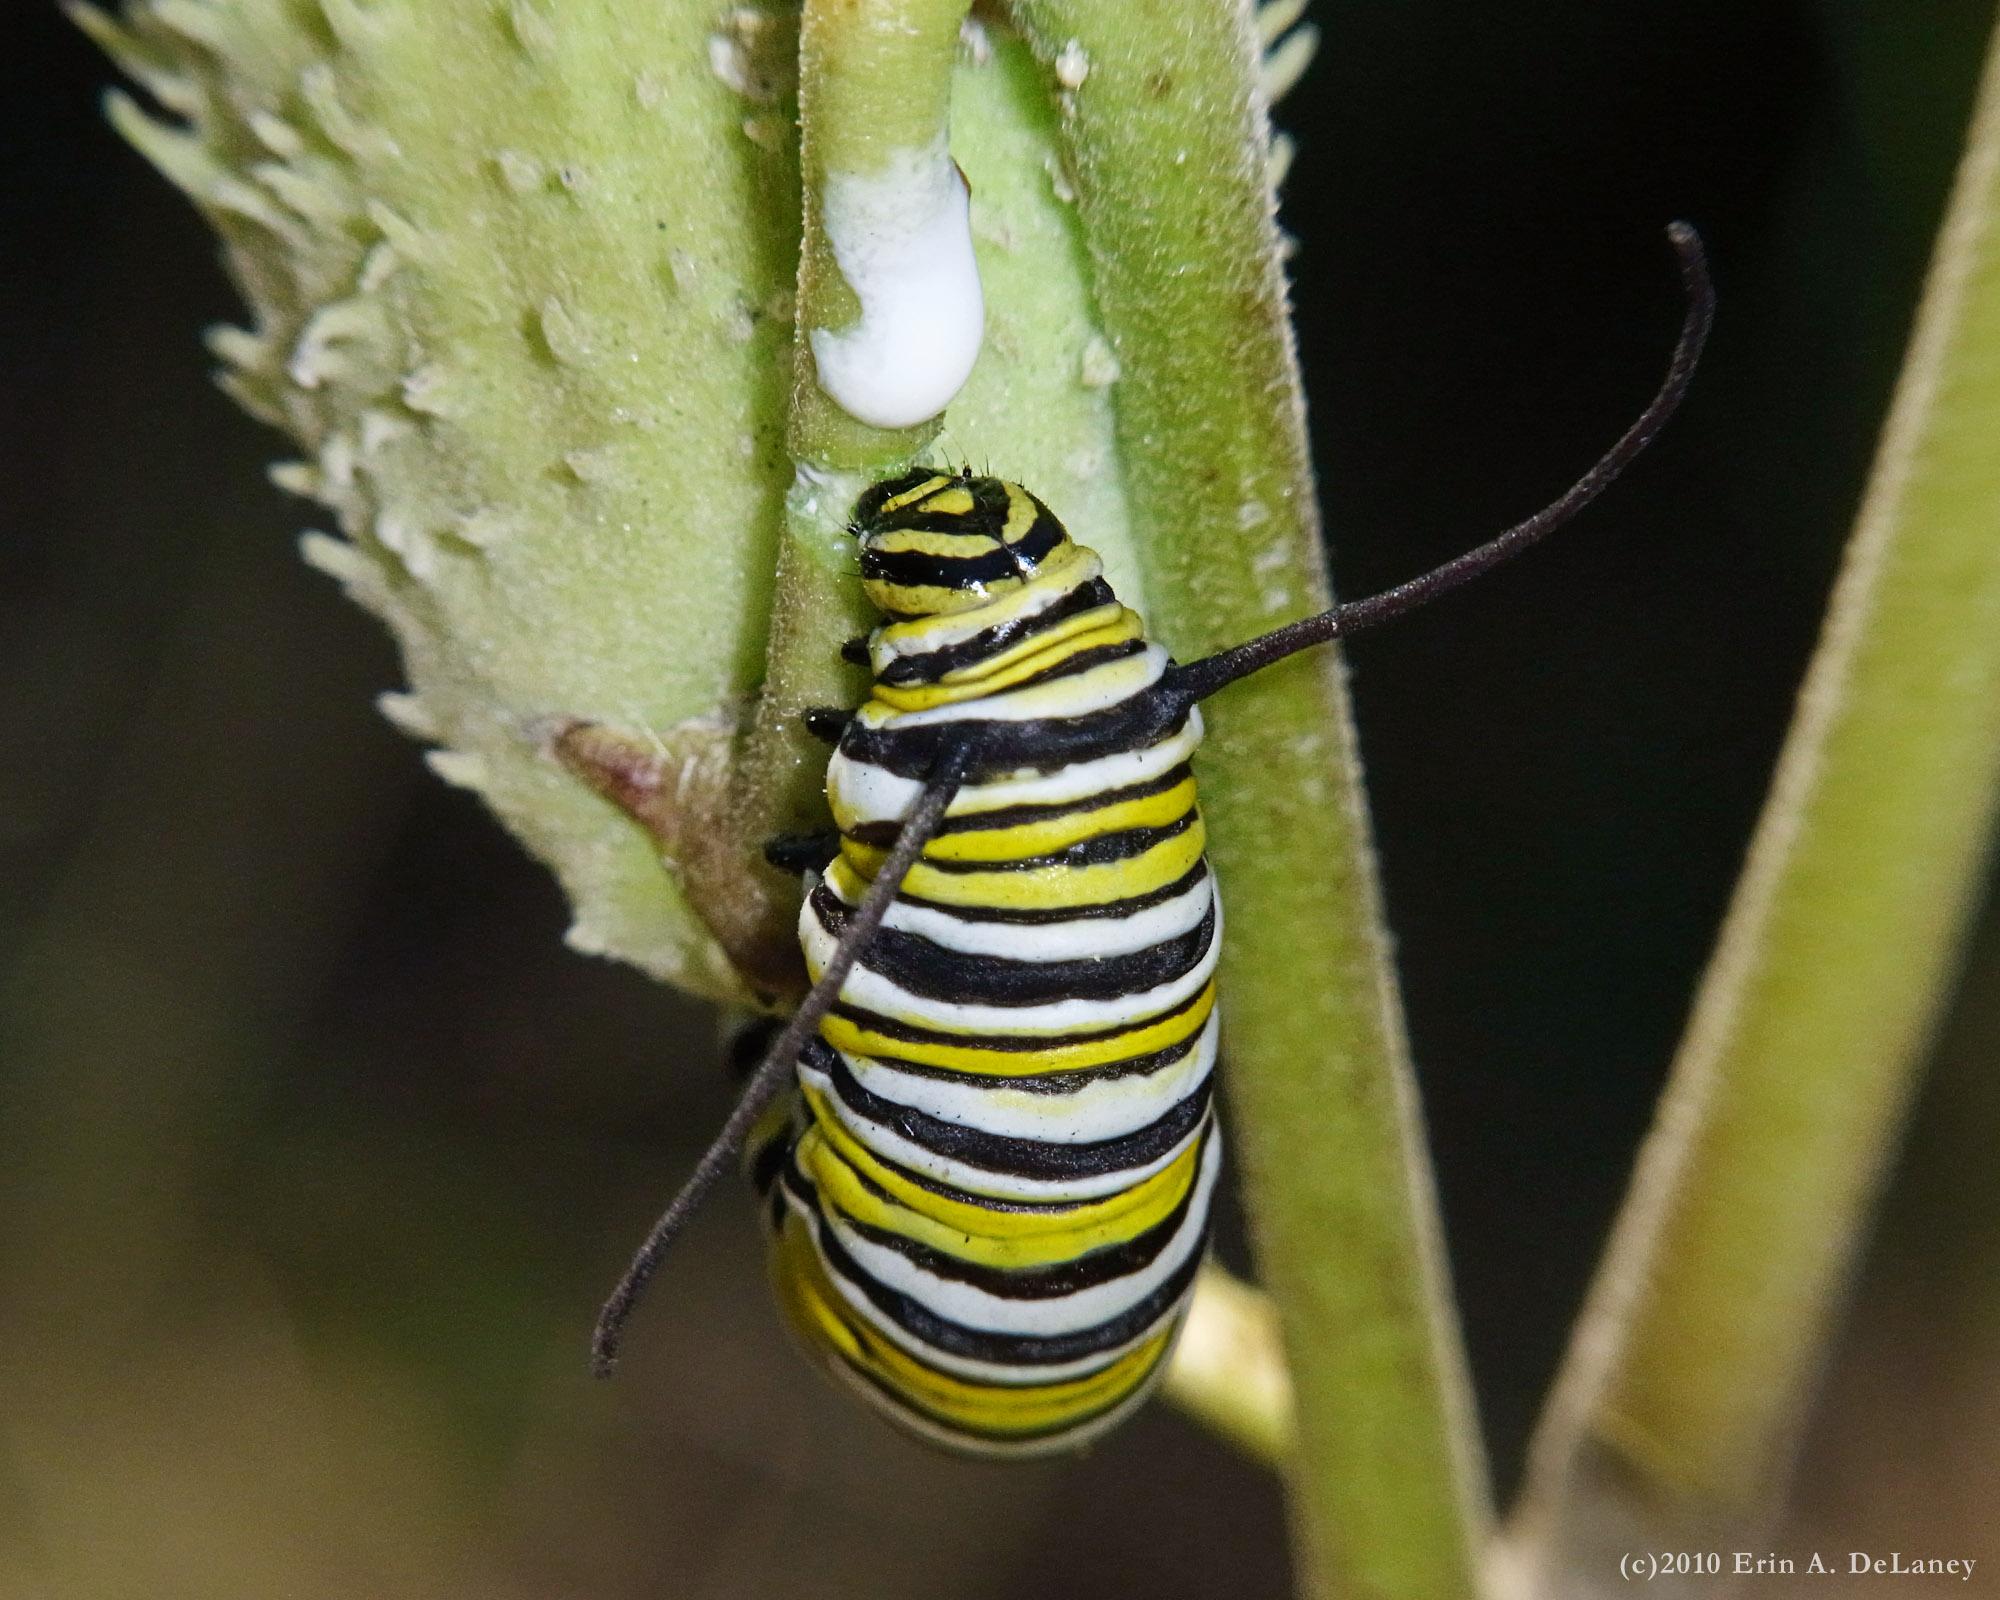 Monarch Caterpillar on Milkweed, 2010